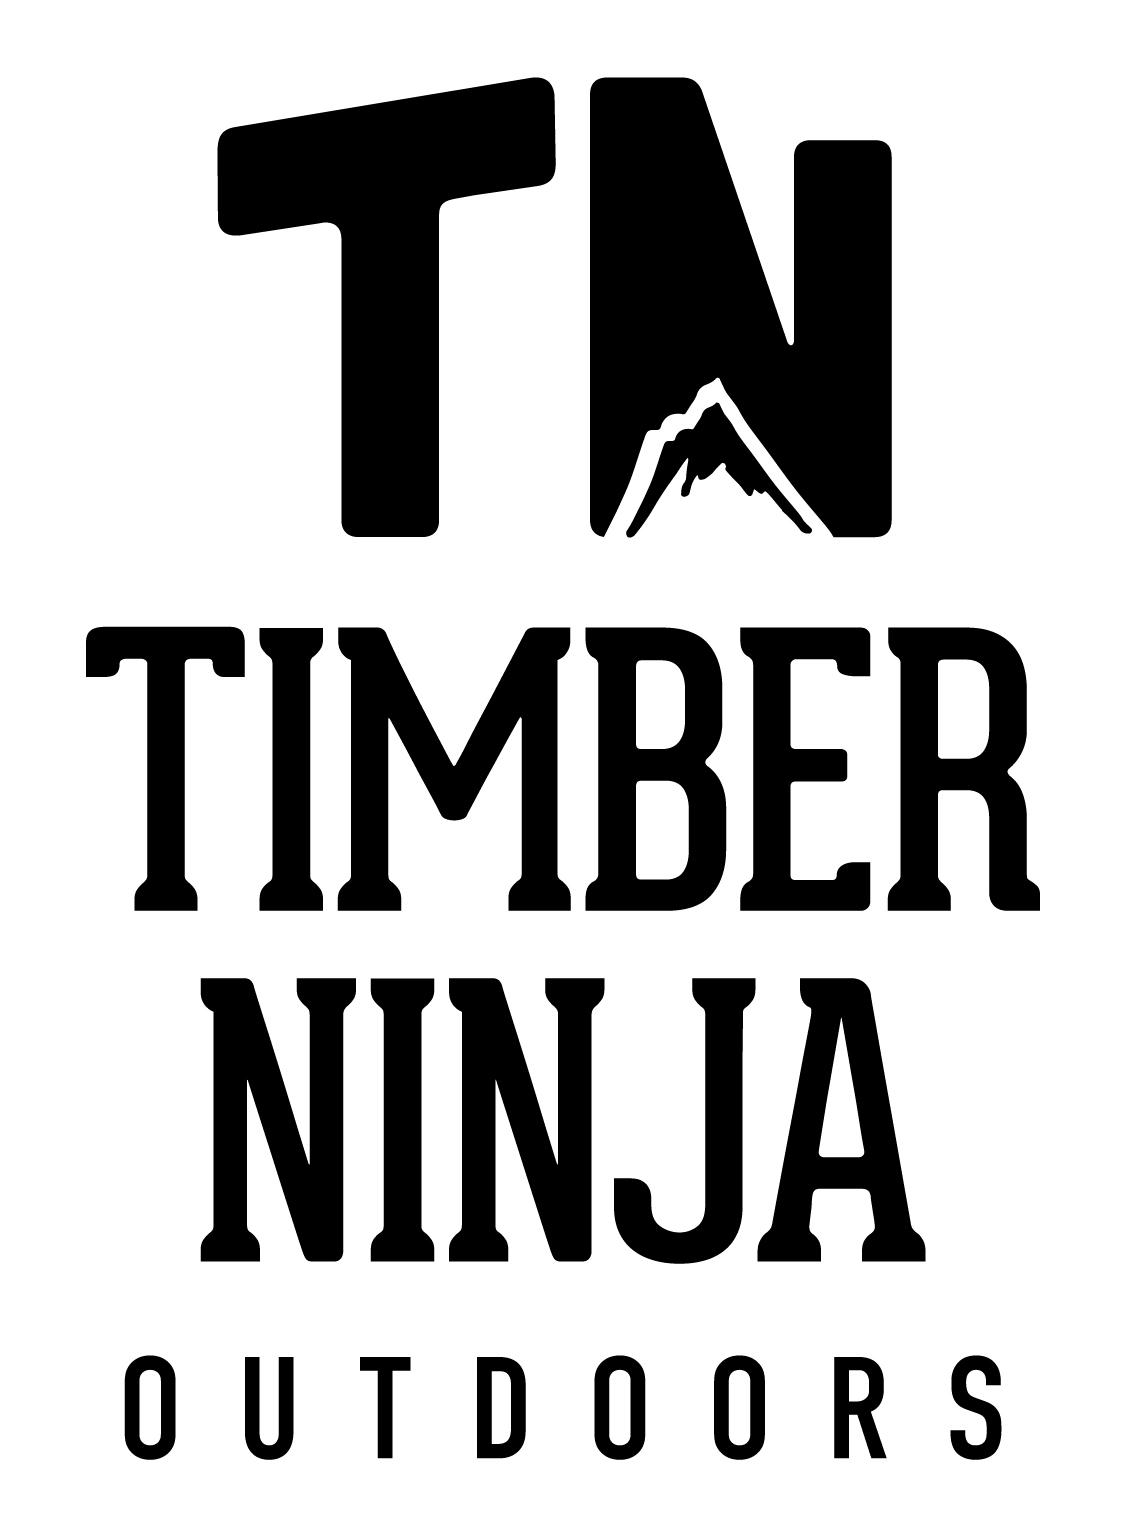 Timber Ninja Outdoors Logo Design